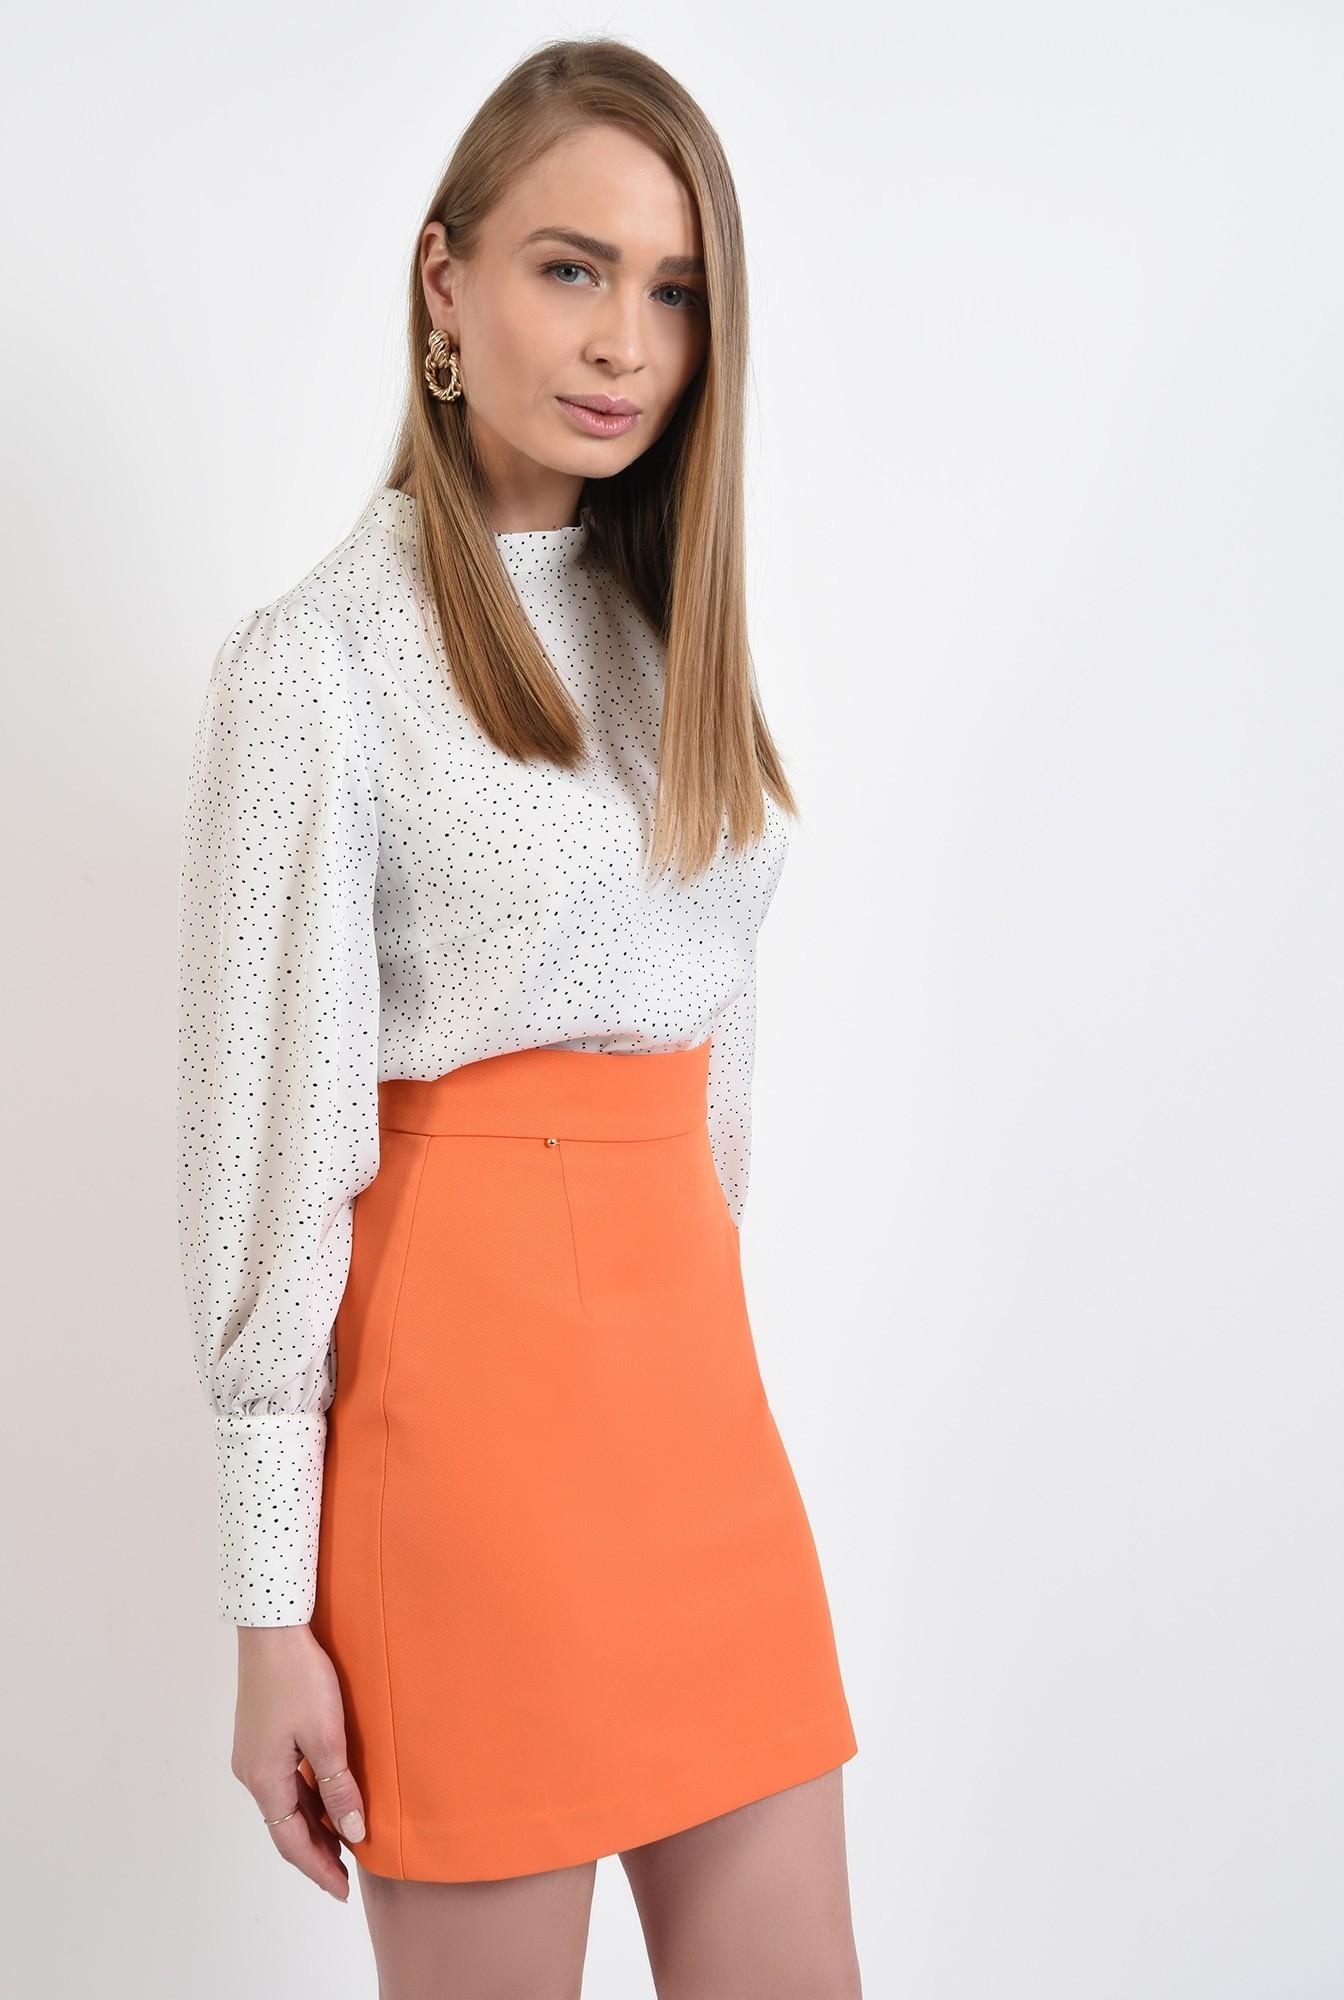 2 - 360 - bluza casual, cu picouri, alb-negru, maneci bufante, guler mic aplicat